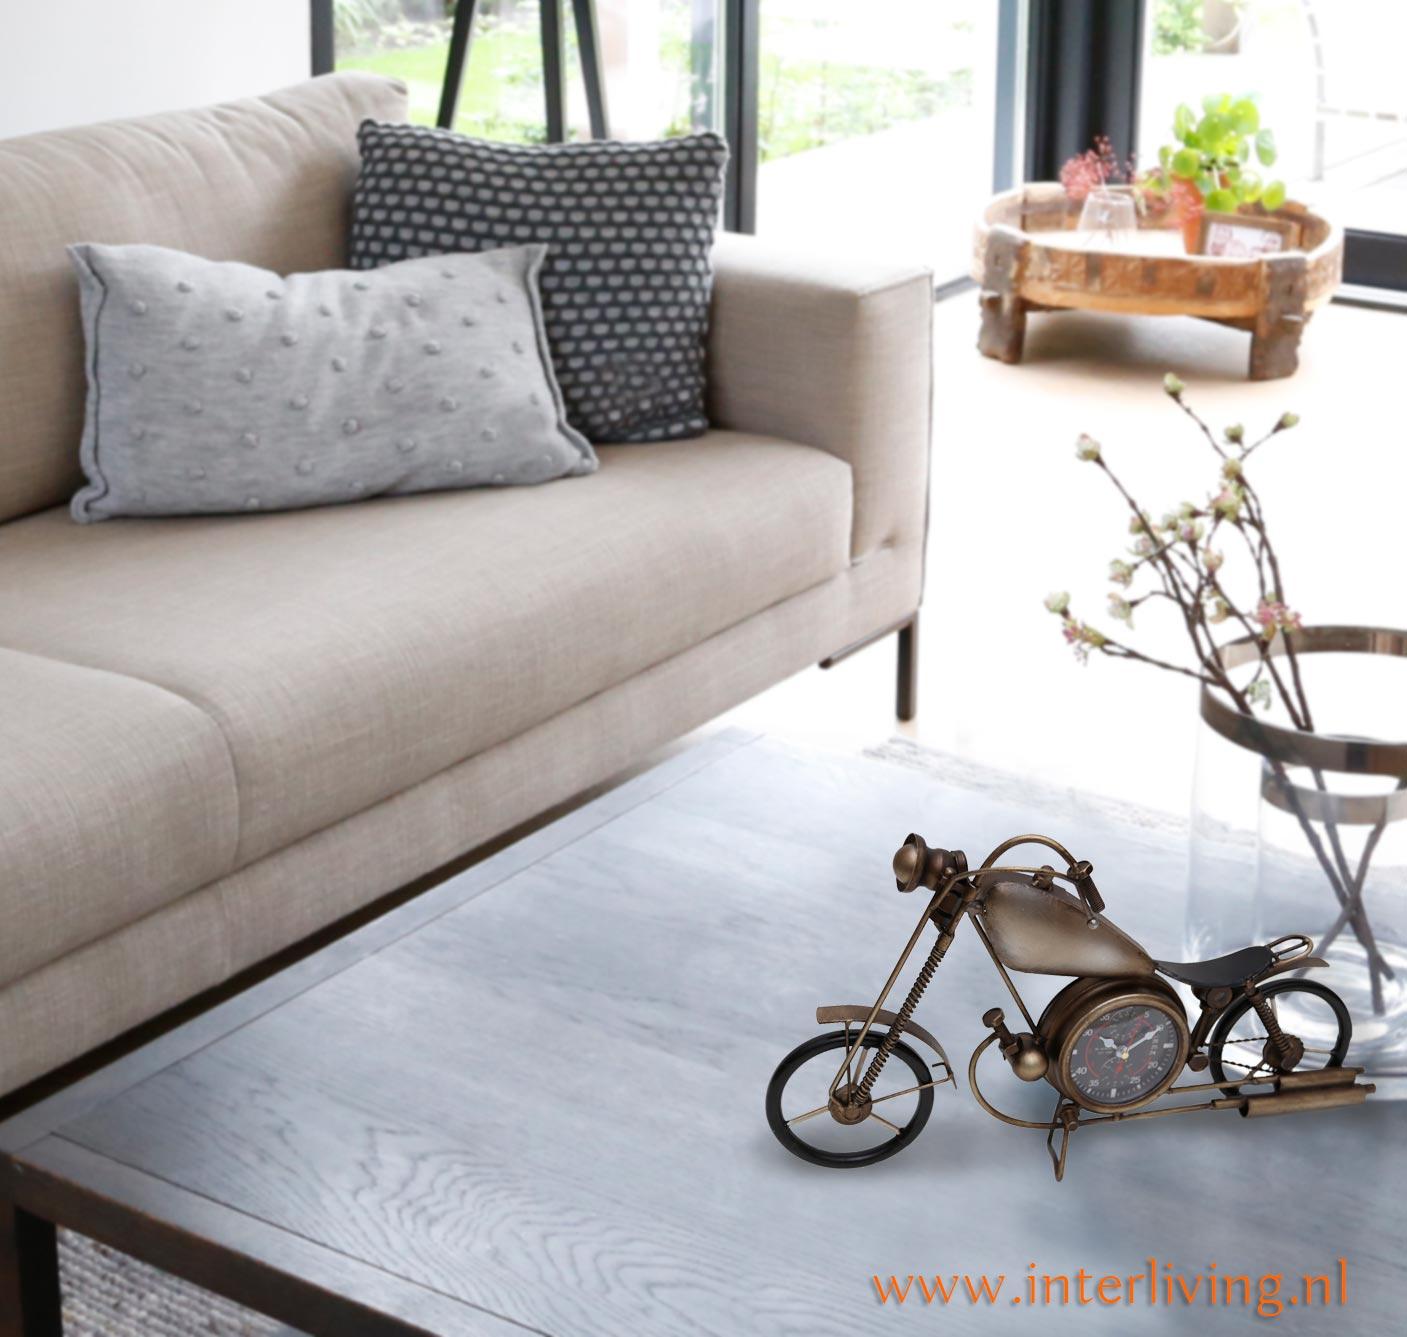 tafel-styling-motor-klok-decoratie-huis-accessoire-woondecoratie